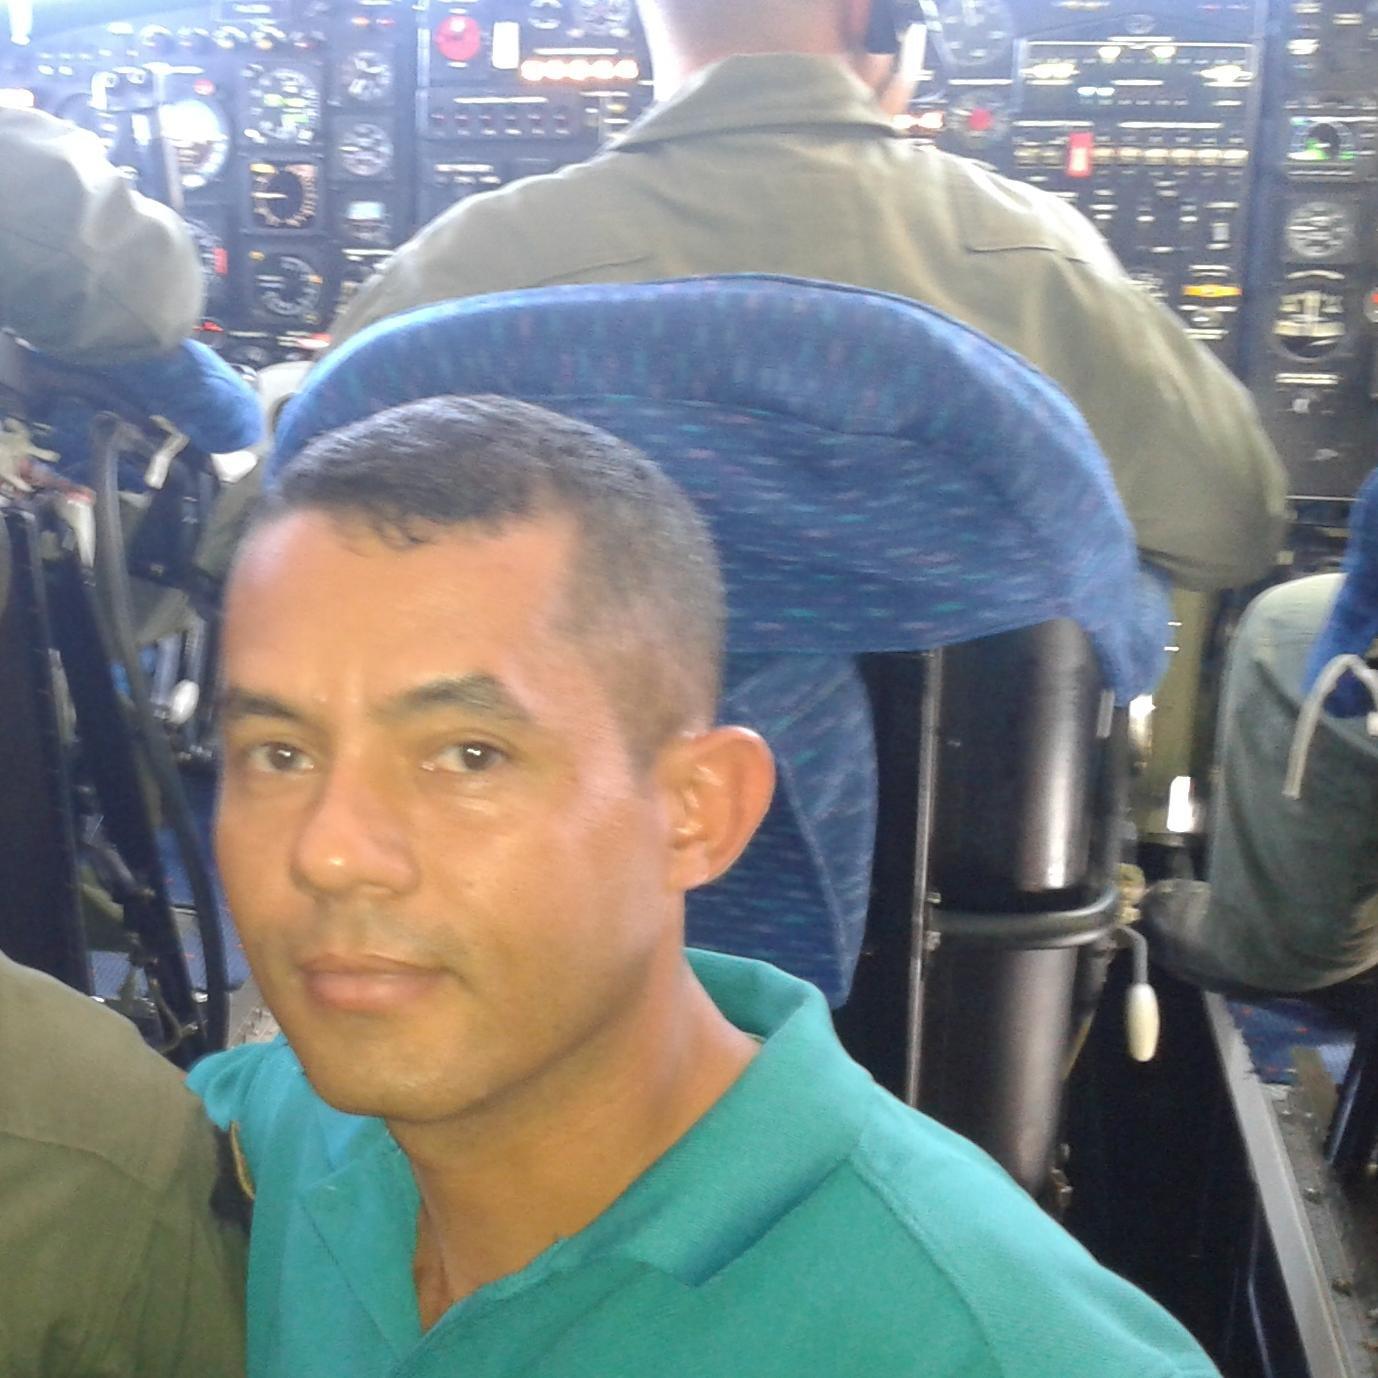 Carlos javier suarez cajaviers twitter - Javier suarez ...